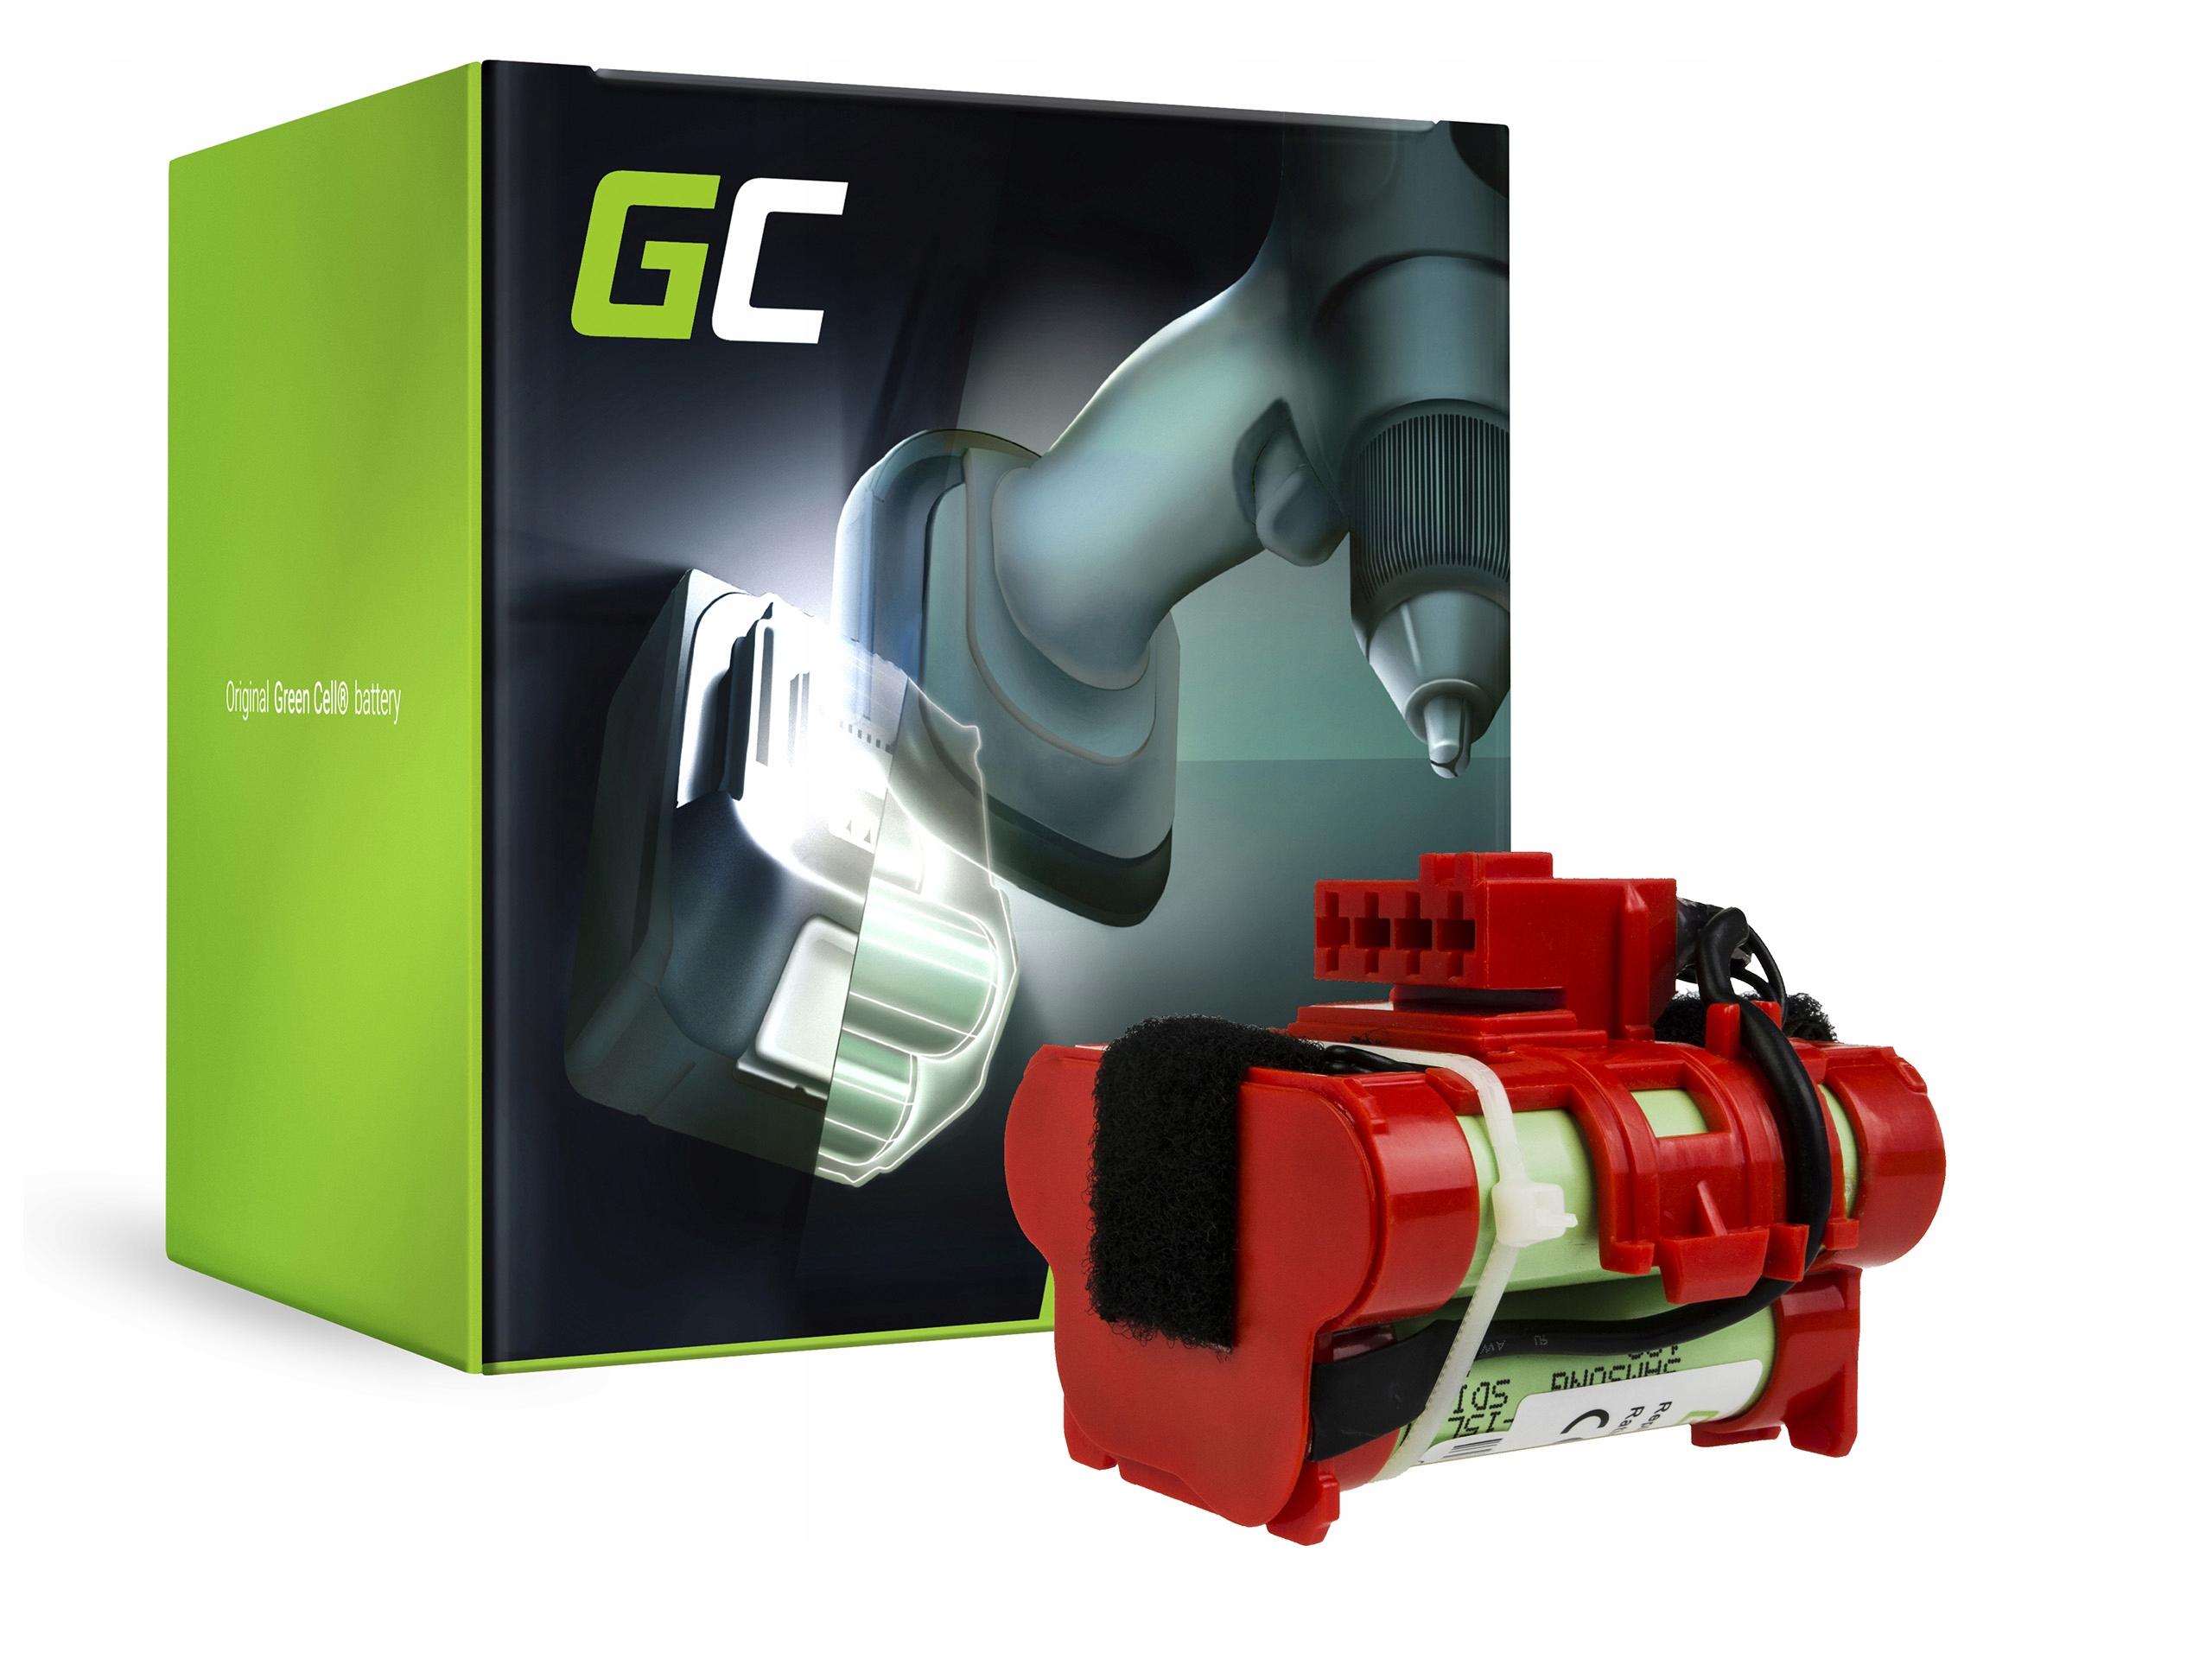 Batérie 18V 1.5 Ah batérie pre Gardena 9672712-06